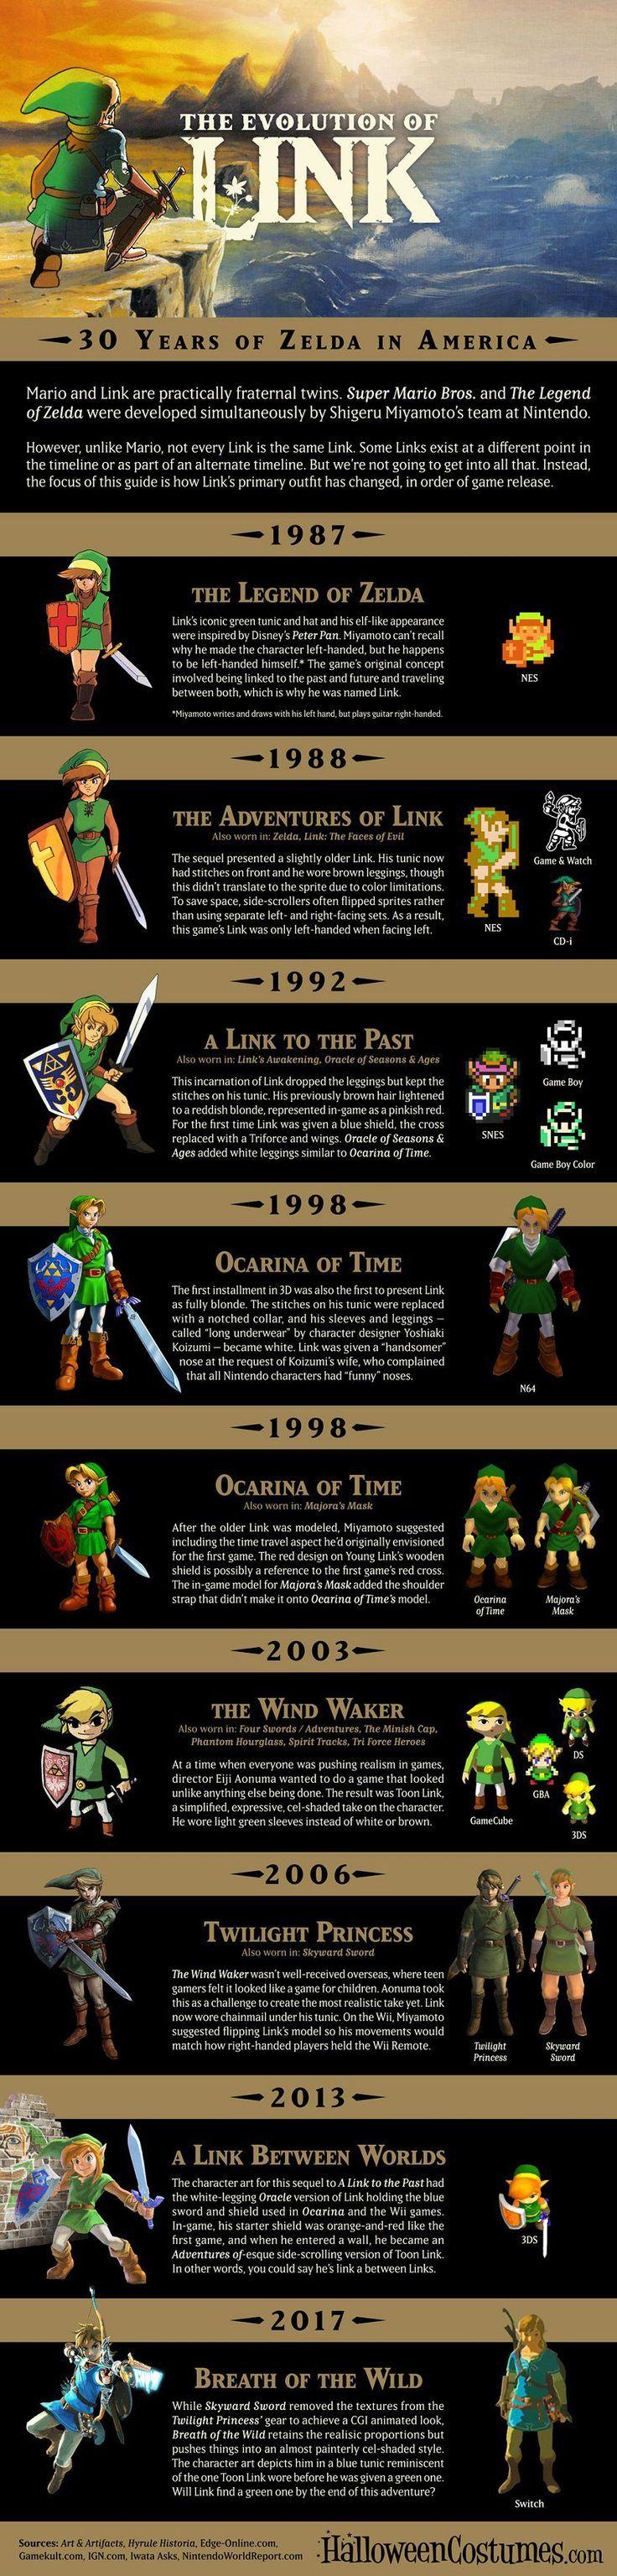 The Evolution Of Link Kobal 23 Evolution Kobal Link Legend Of Zelda Legend Of Zelda Memes Legend Of Zelda Breath